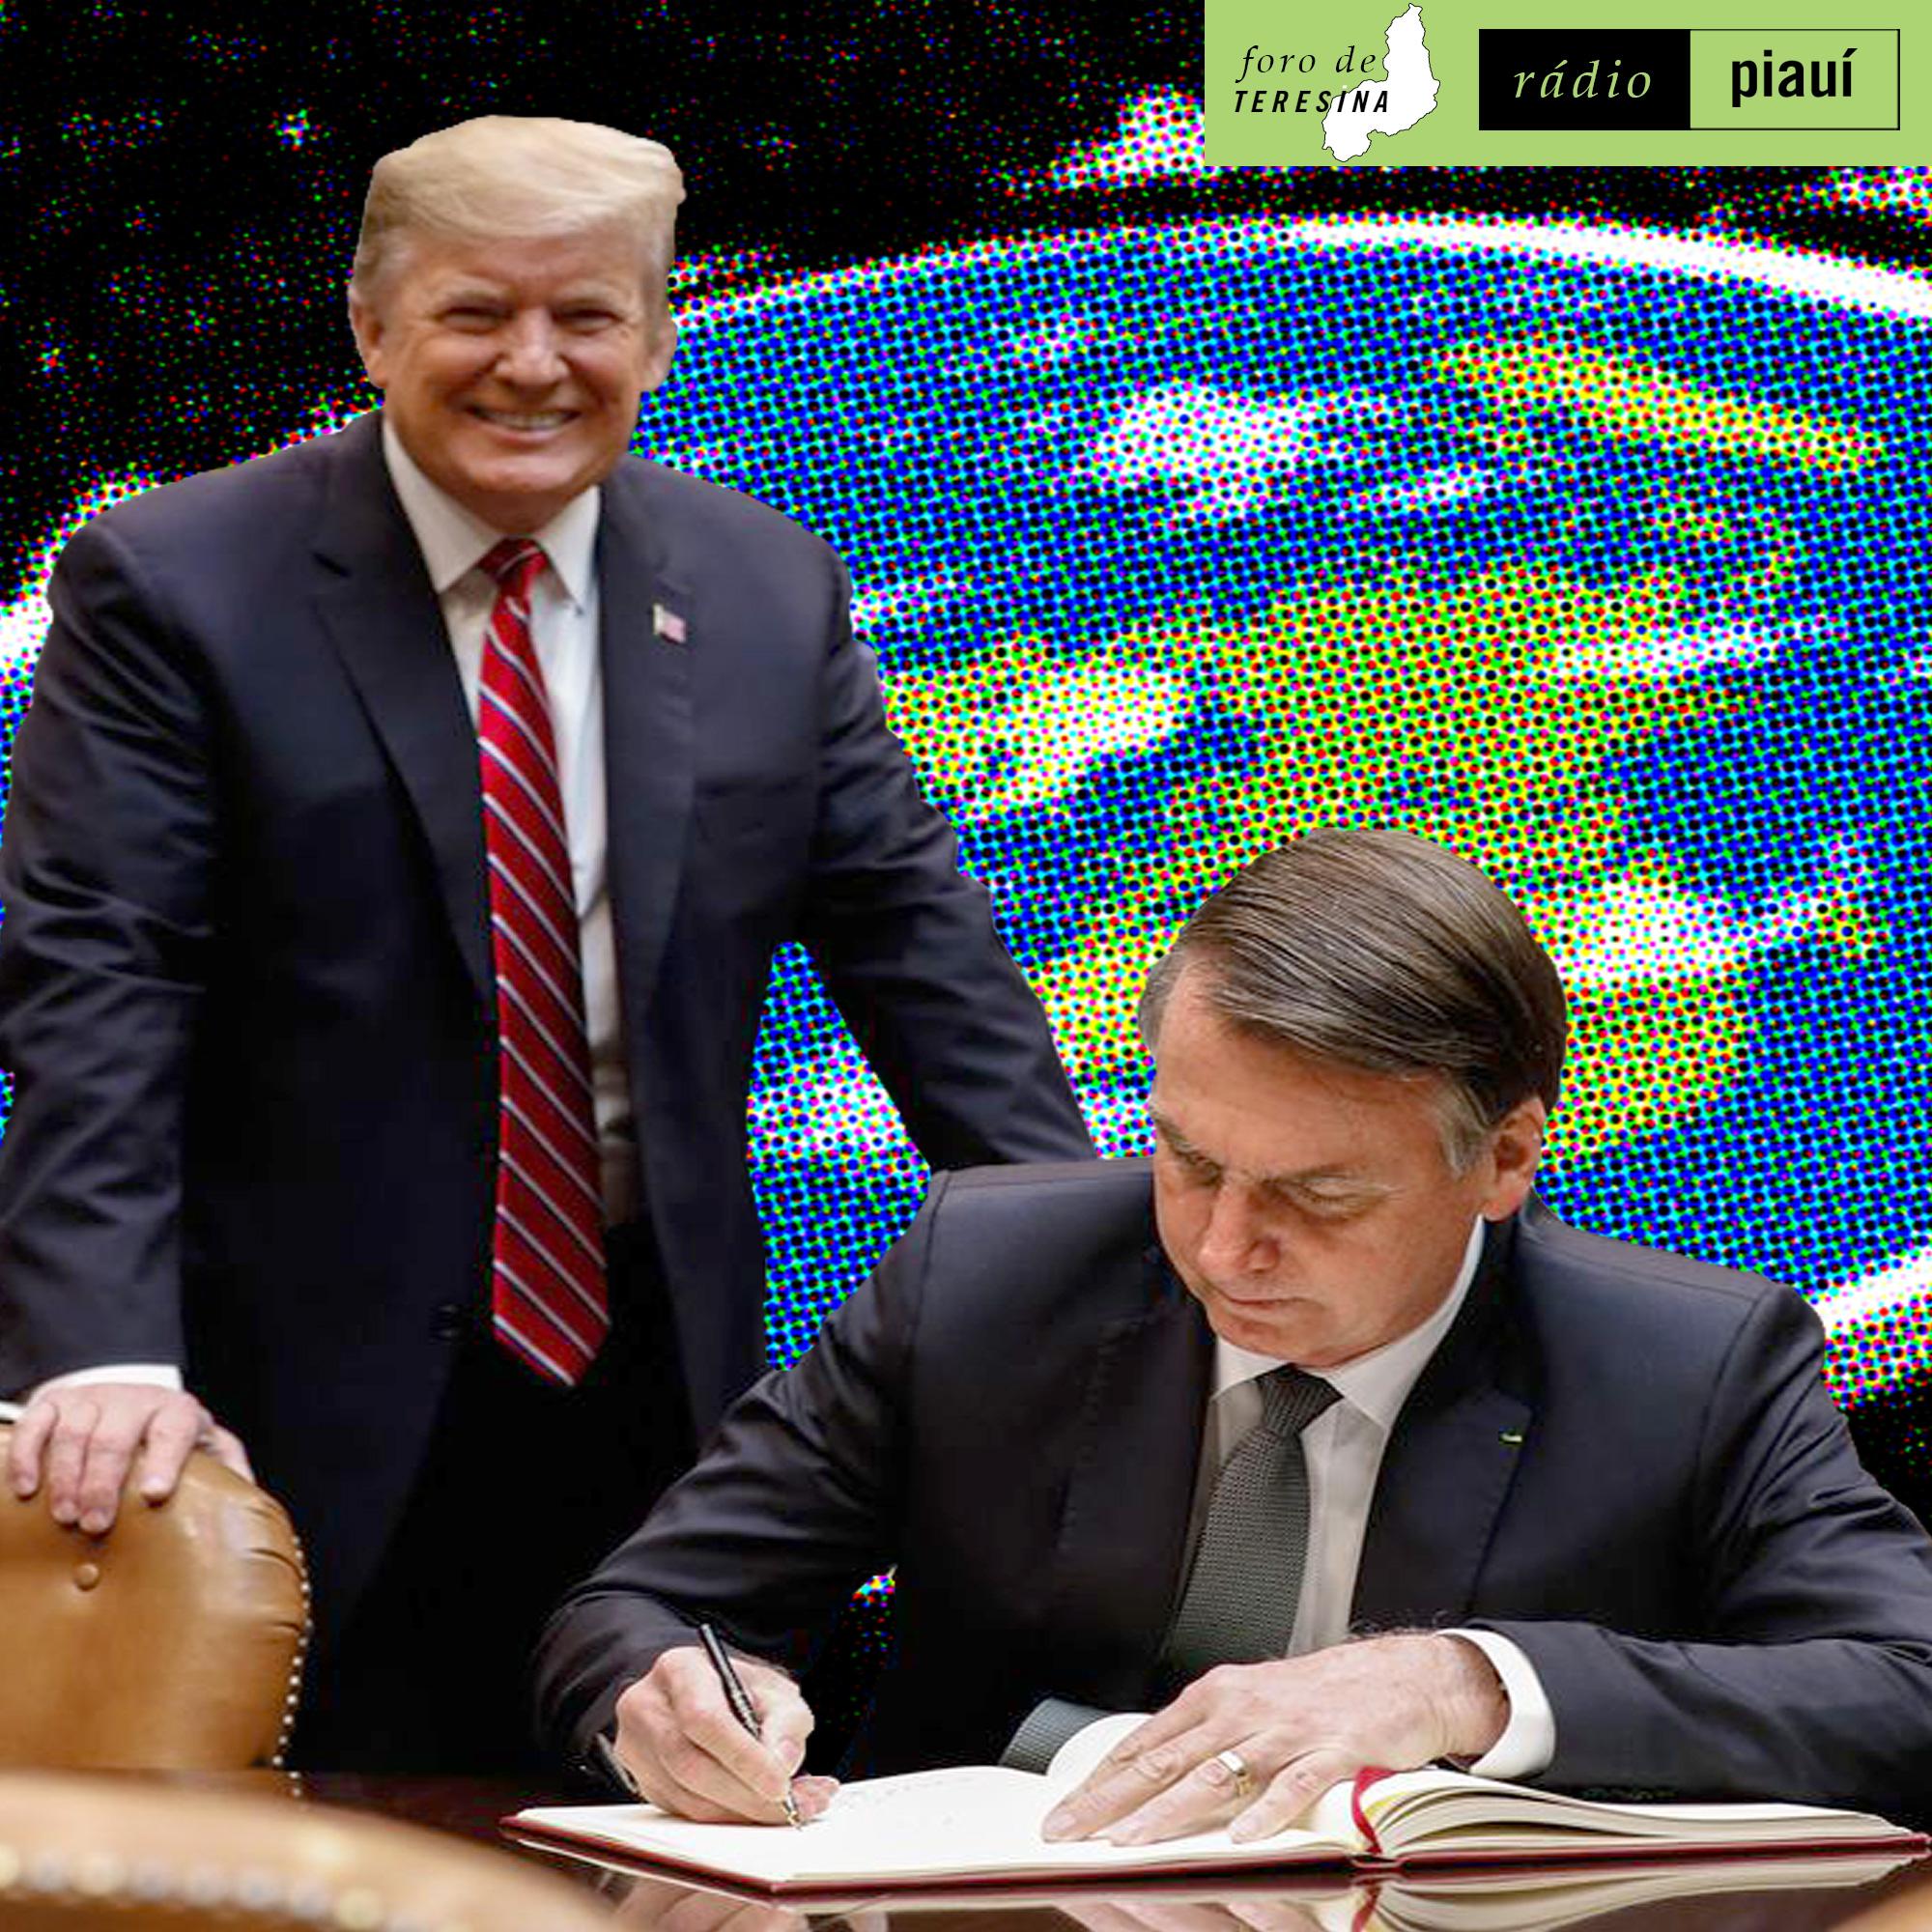 #80: A tragédia em Paraisópolis, o desaforo de Trump e a cultura do desaforo